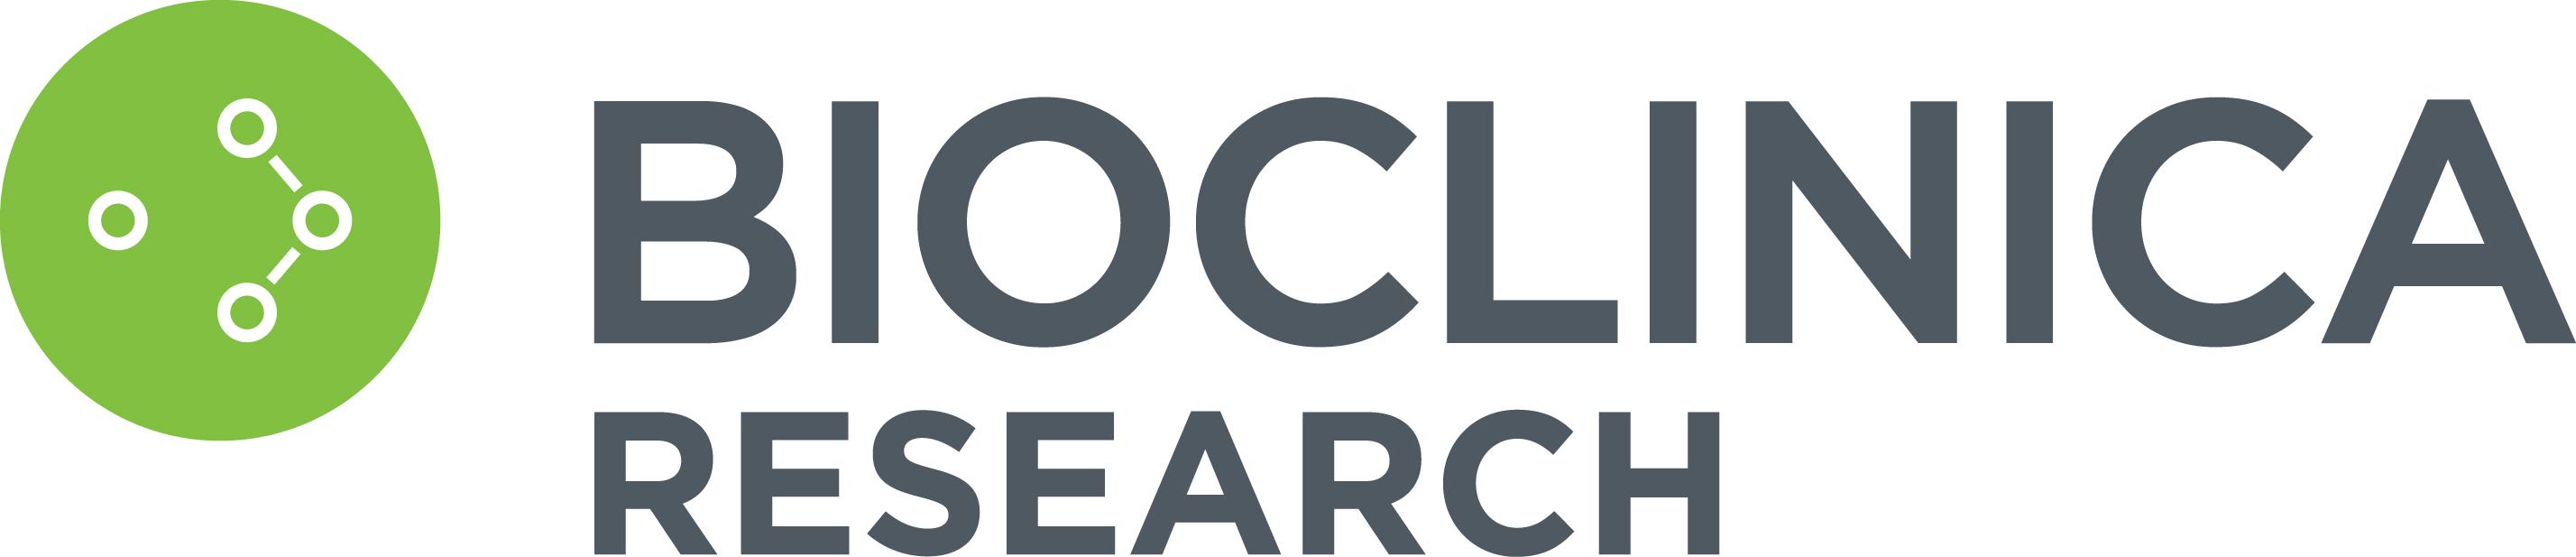 Bioclinica Research